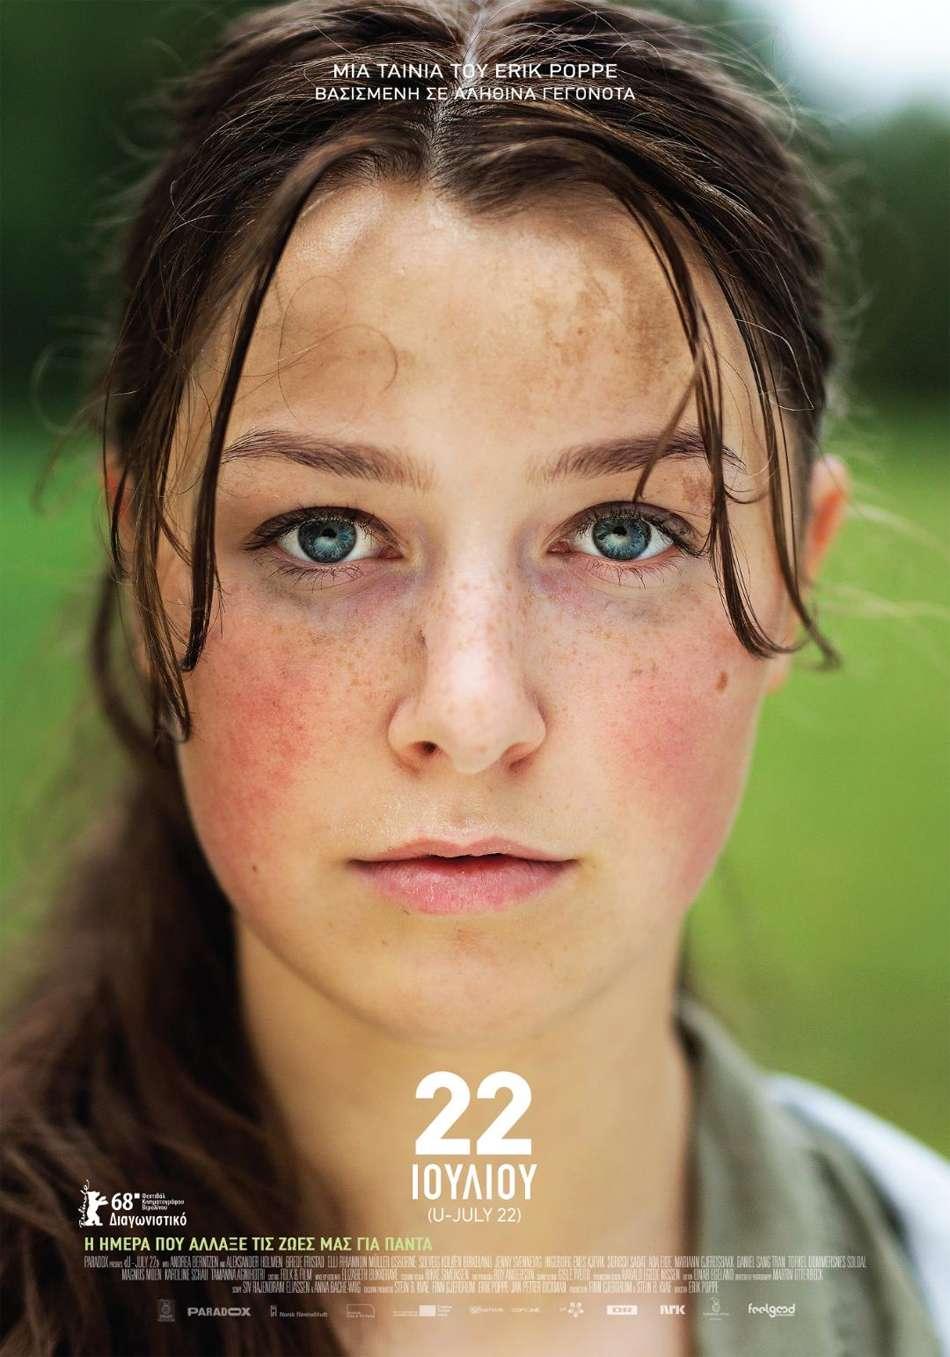 22 Ιουλίου (Utøya 22. Juli) Poster Πόστερ